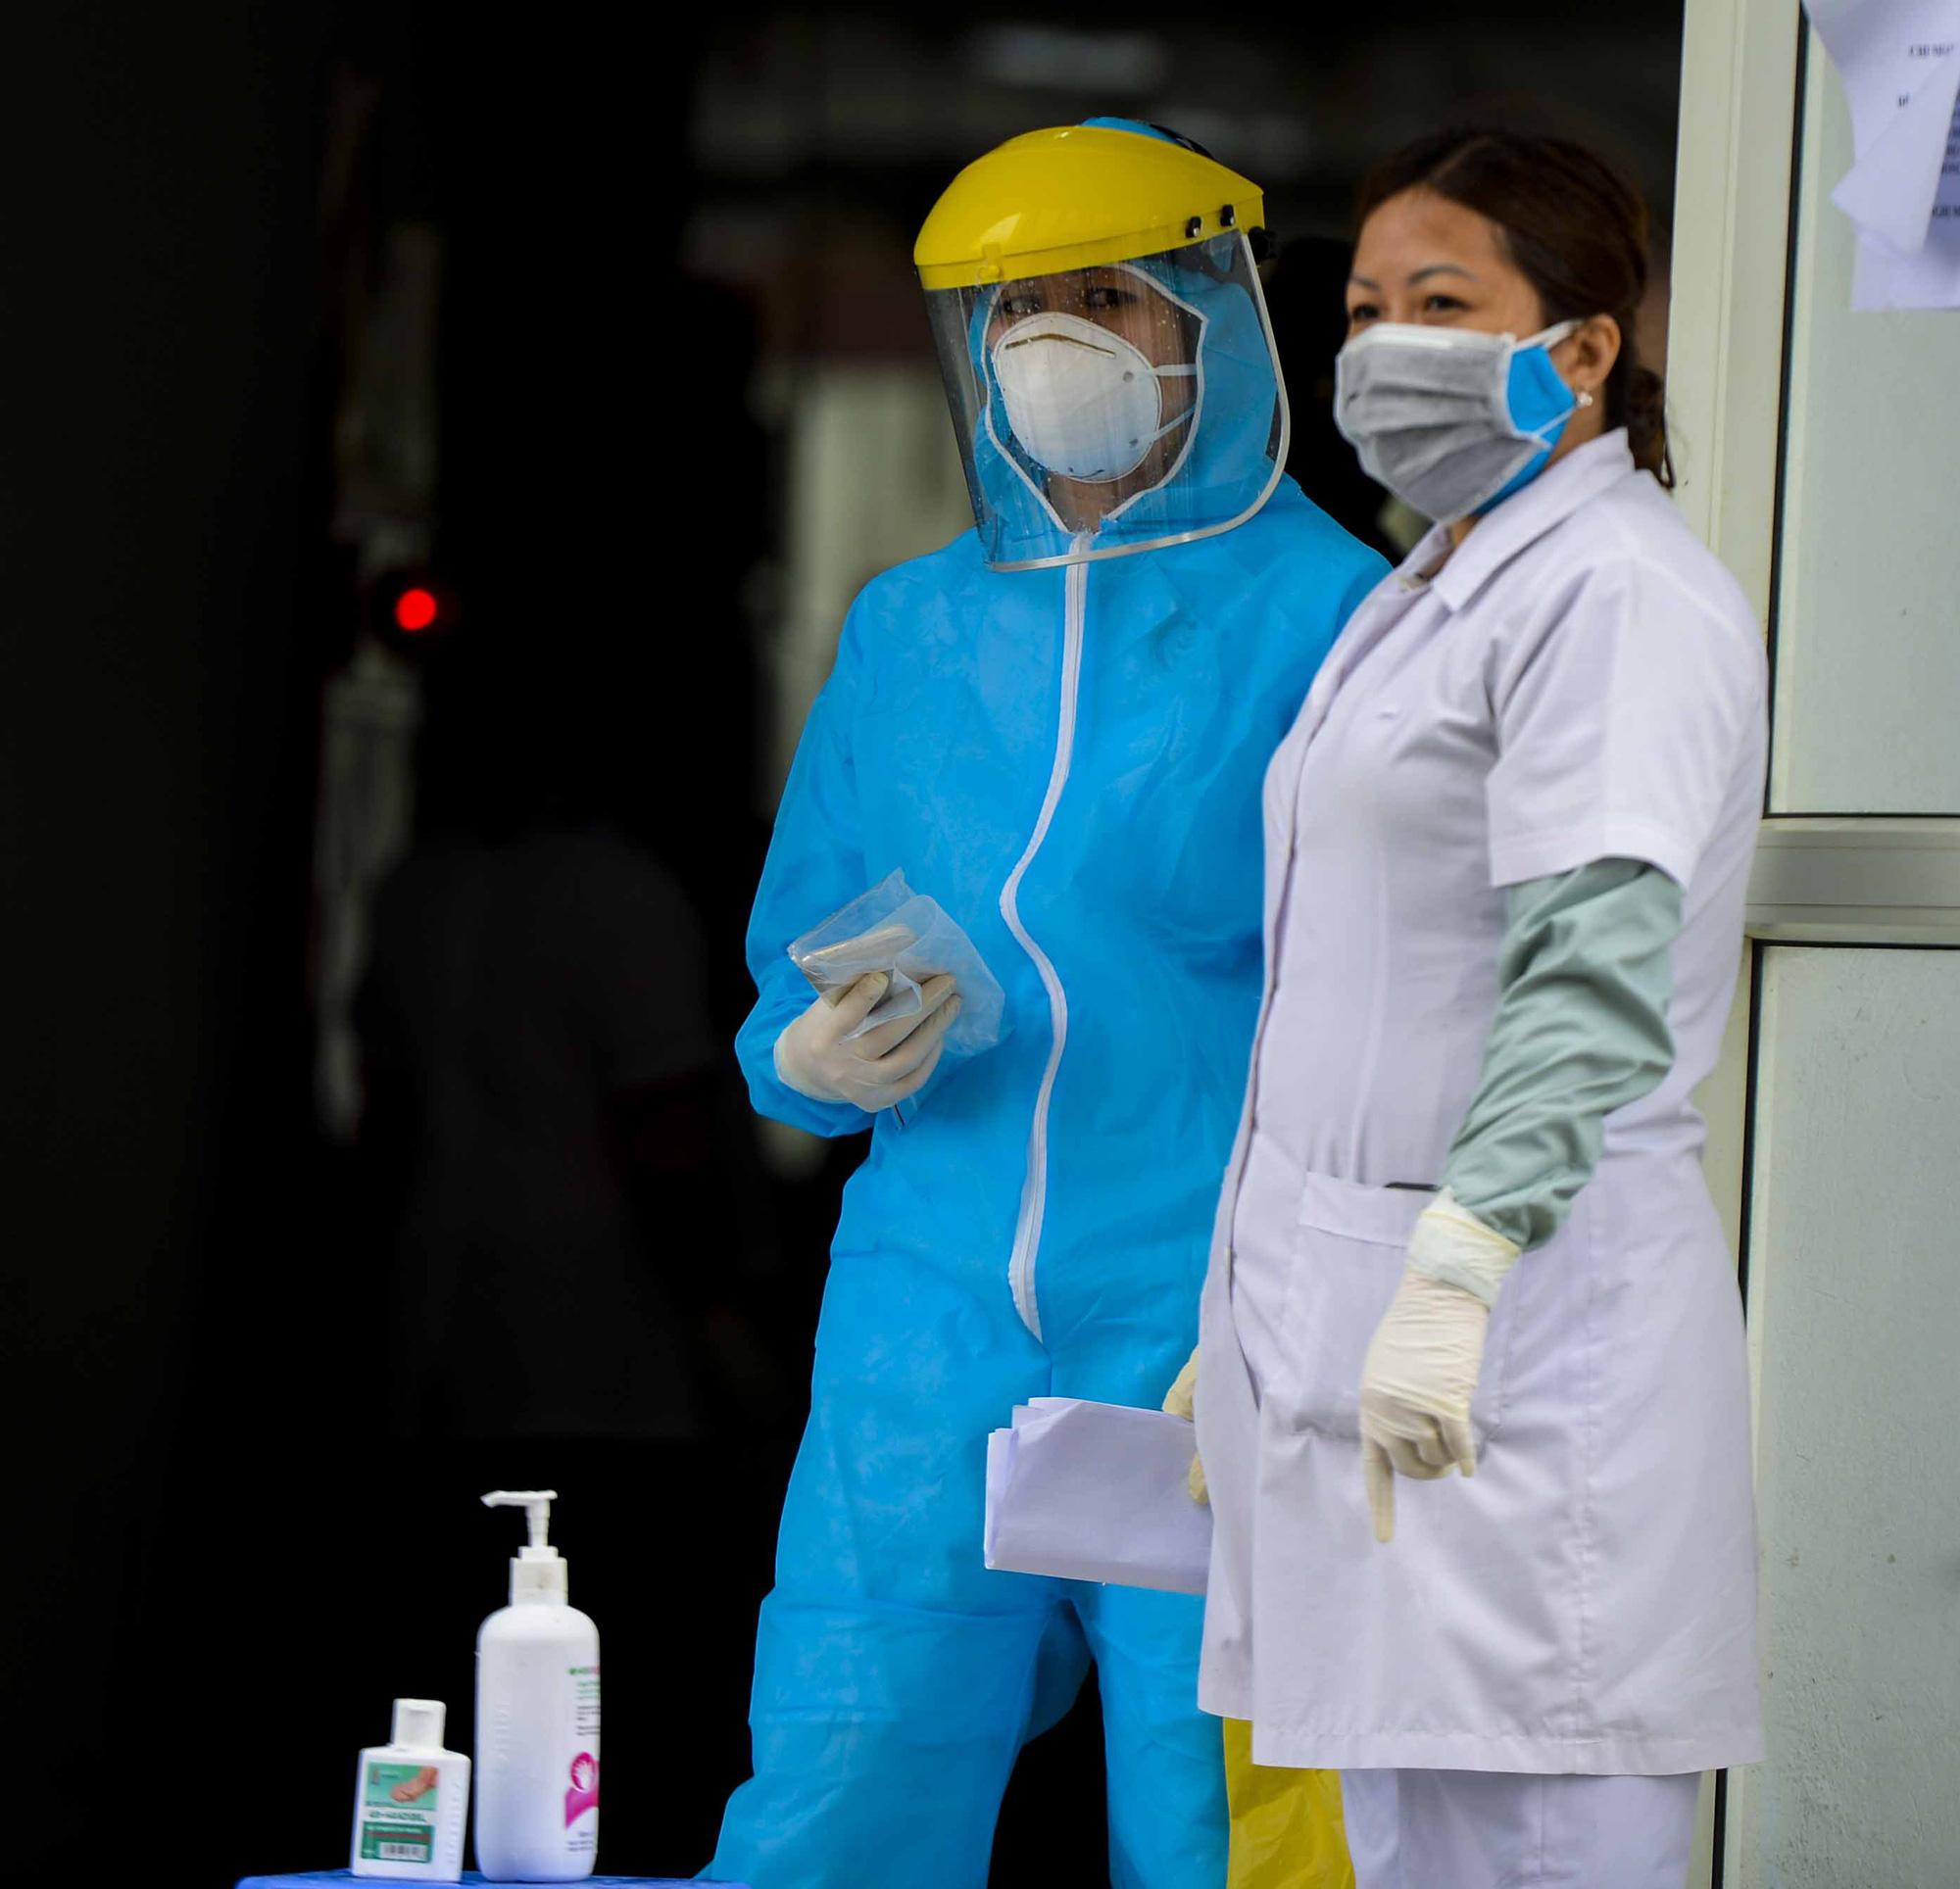 [Ảnh] Tiếp tế 350kg rau cho khu chung cư gần 1.000 dân cách ly ở Hà Nội-13